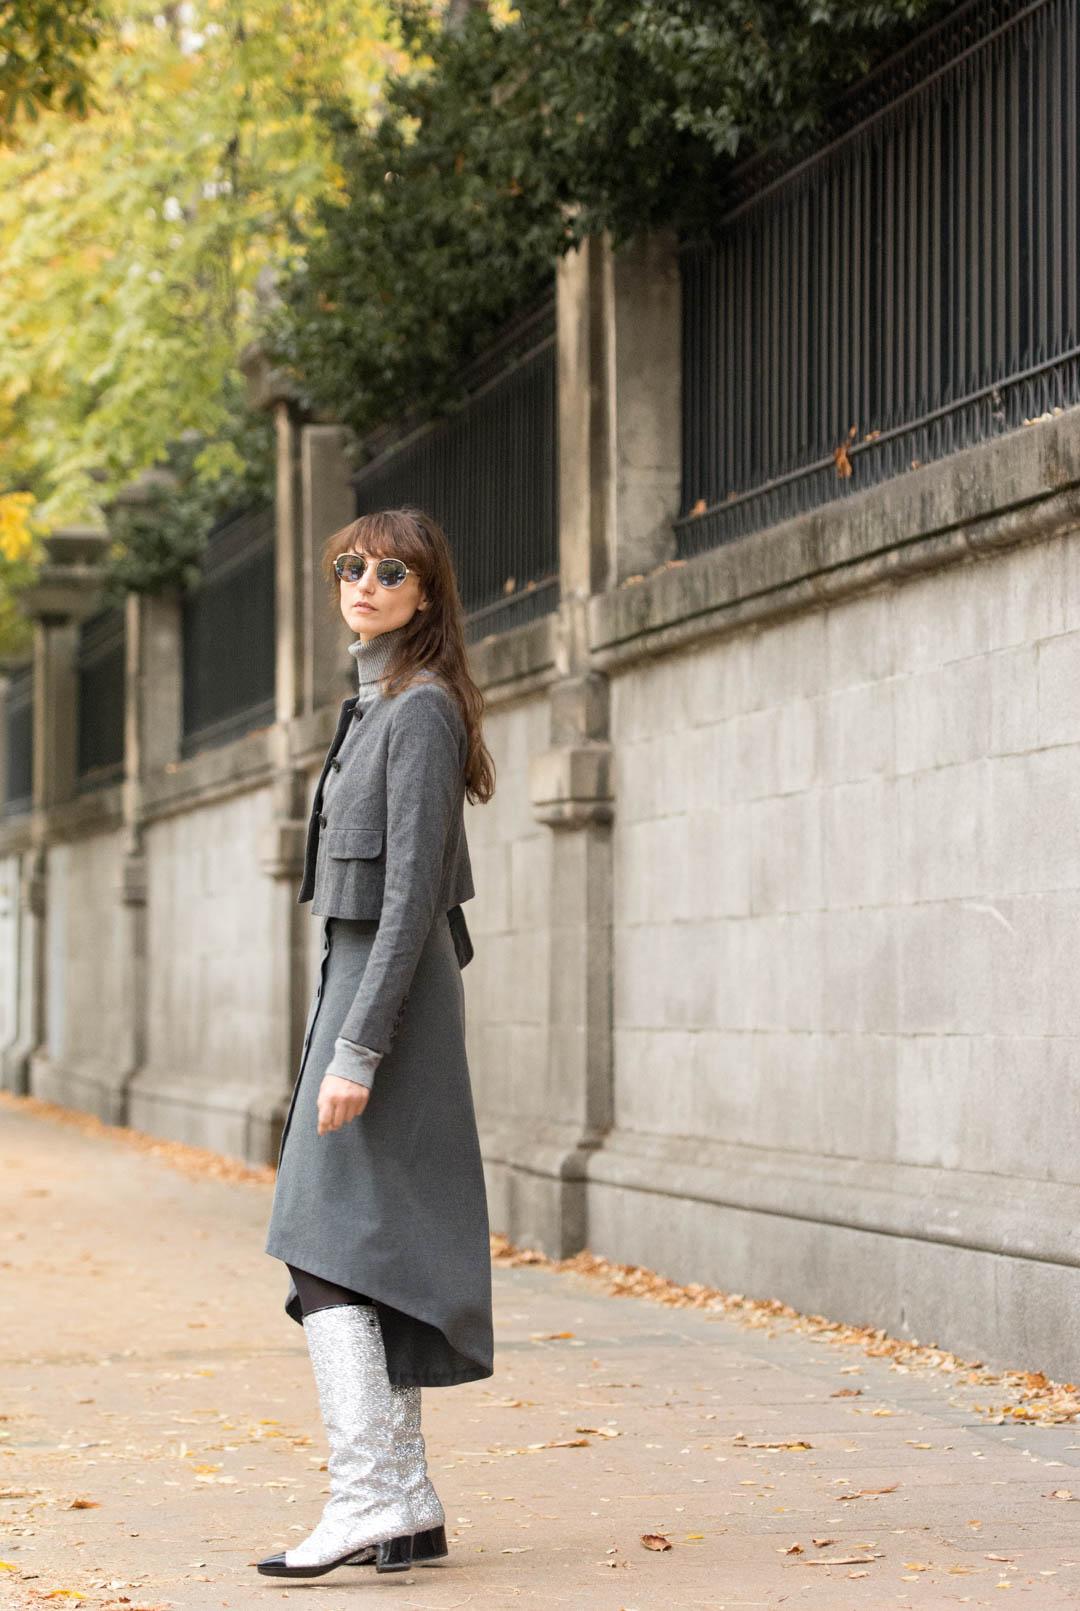 chanela-brillante-street-style-mitmeblog-web-07